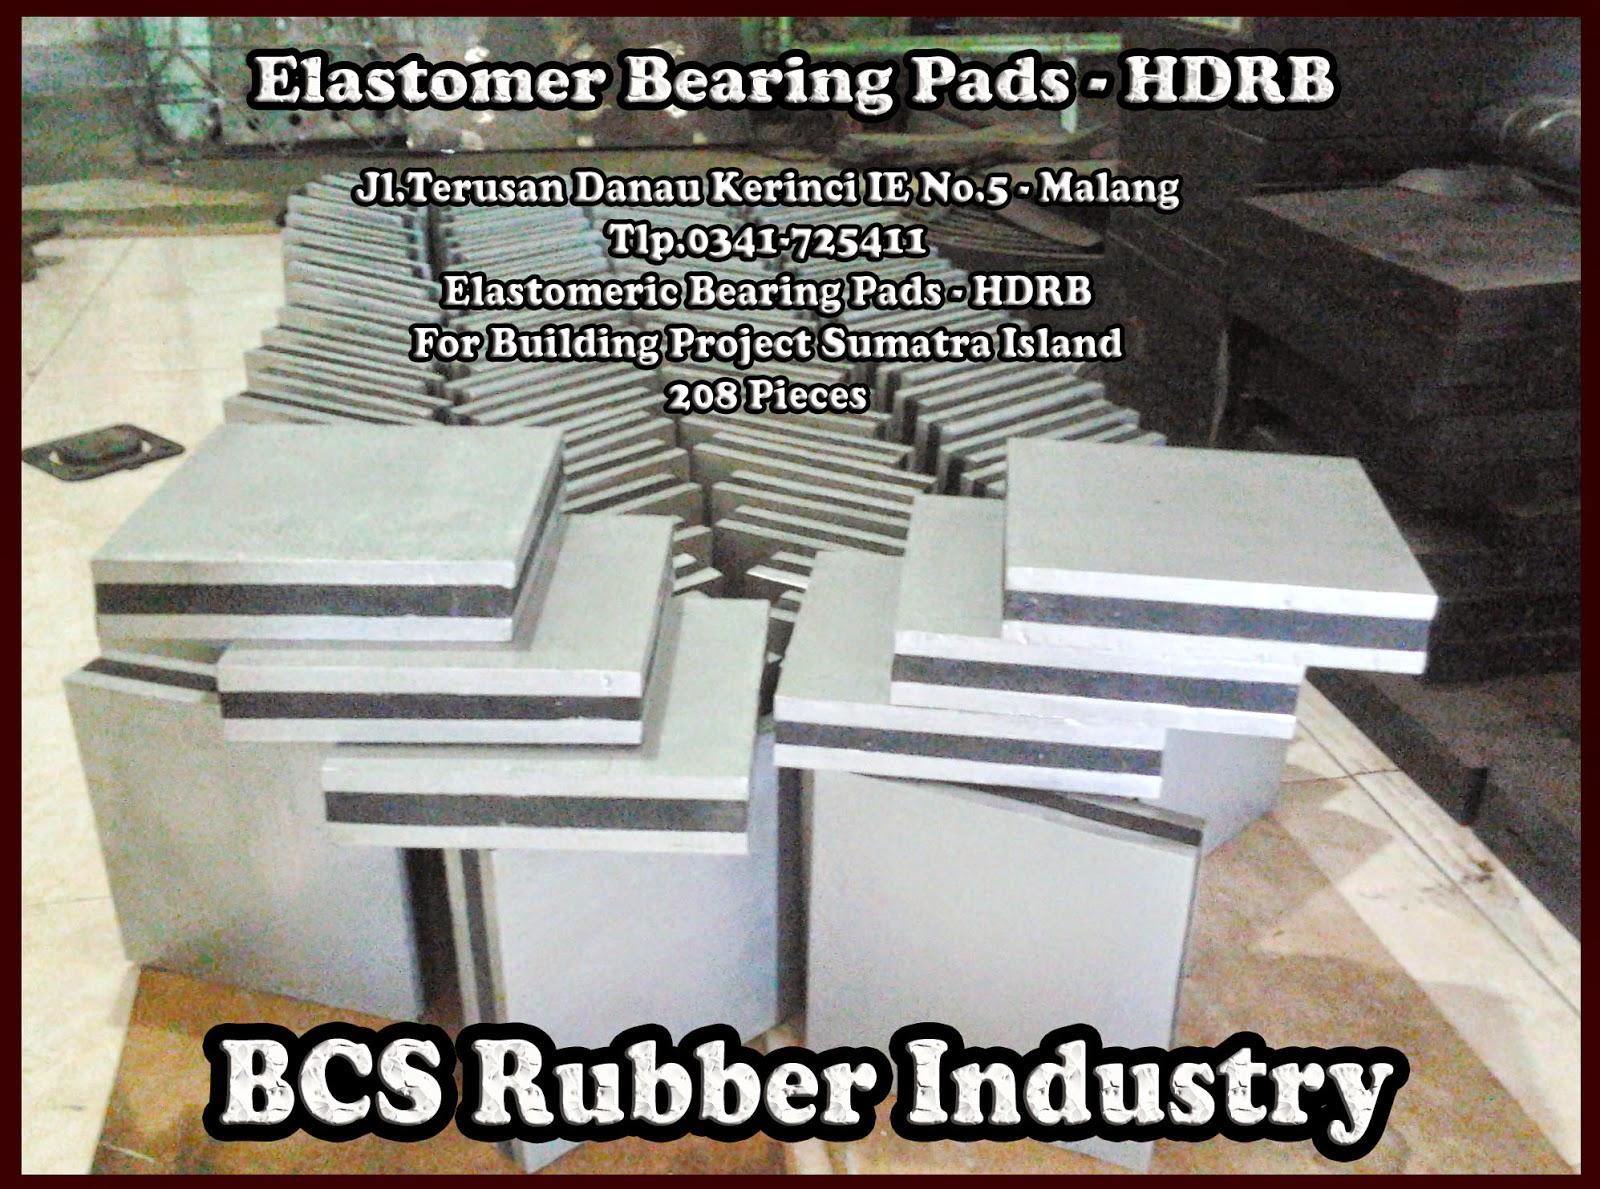 """""""""""Elastomer Bearing Pads di Banjarmasin""""""""Elastomer Bearing Pads di Batam'""""Elastomer Bearing pads di Bandar lampung""""""""Elastomer Bearing Pads di Bengkulu""""'"""